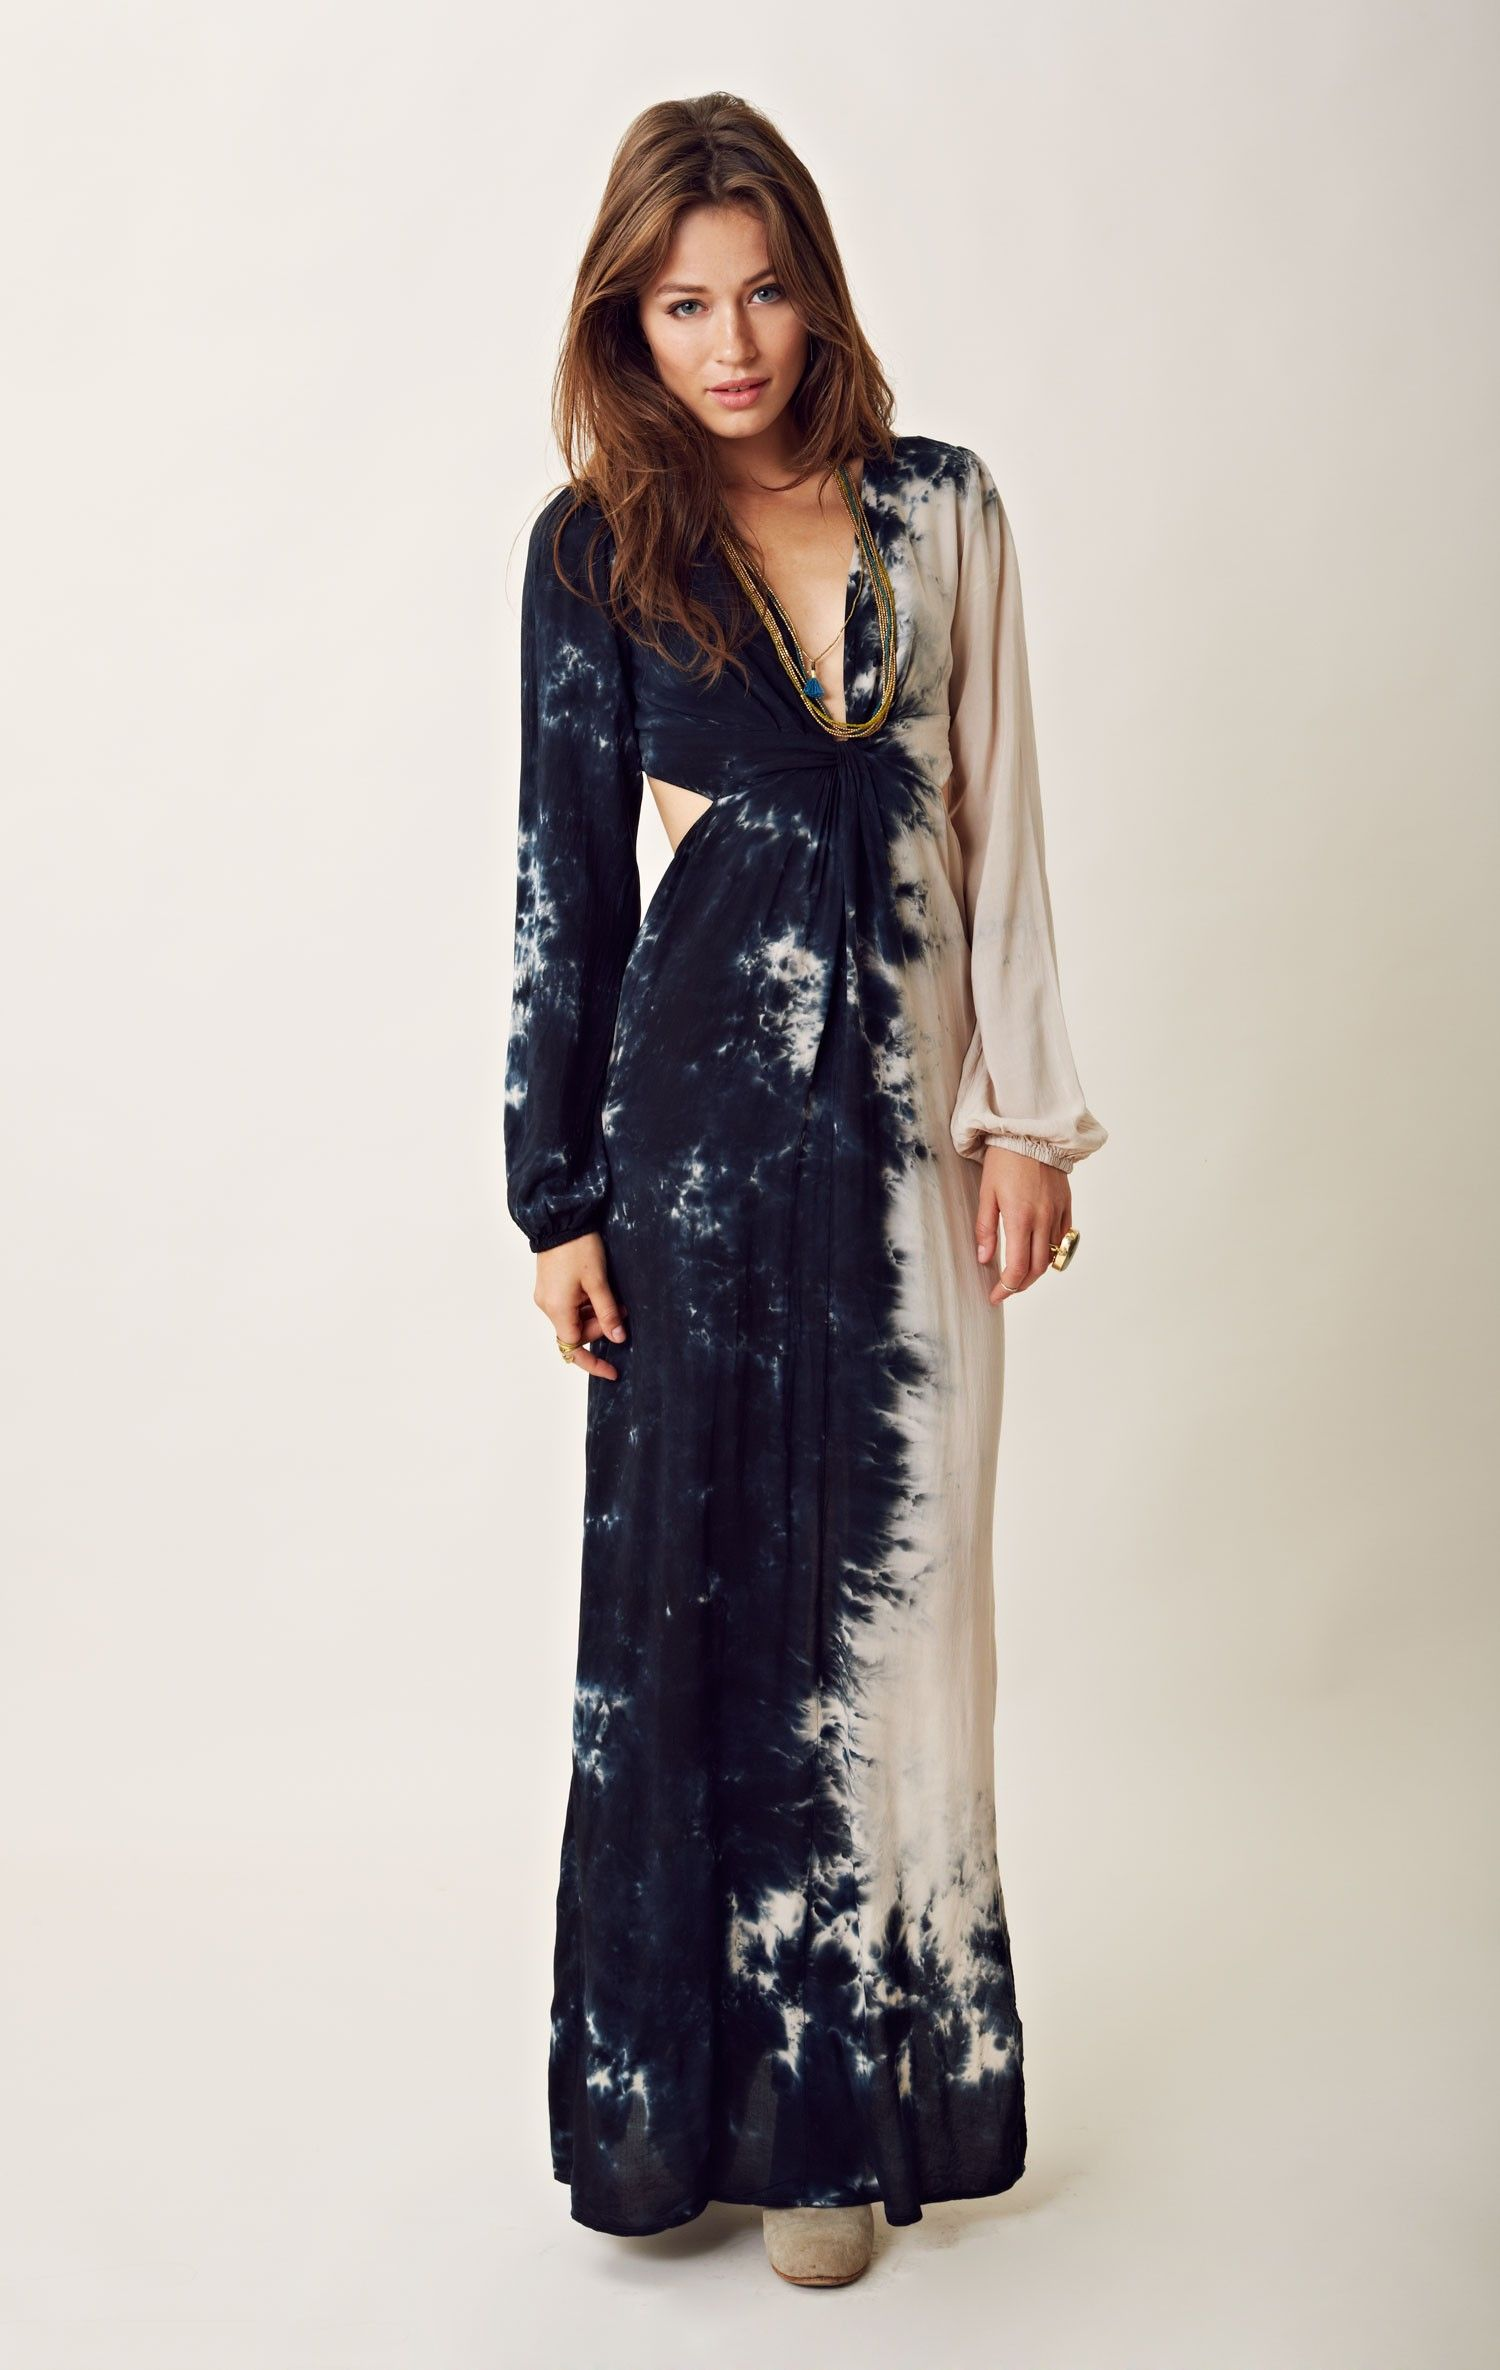 Tie dye twist bell sleeve maxi dress wardrobe ideas pinterest